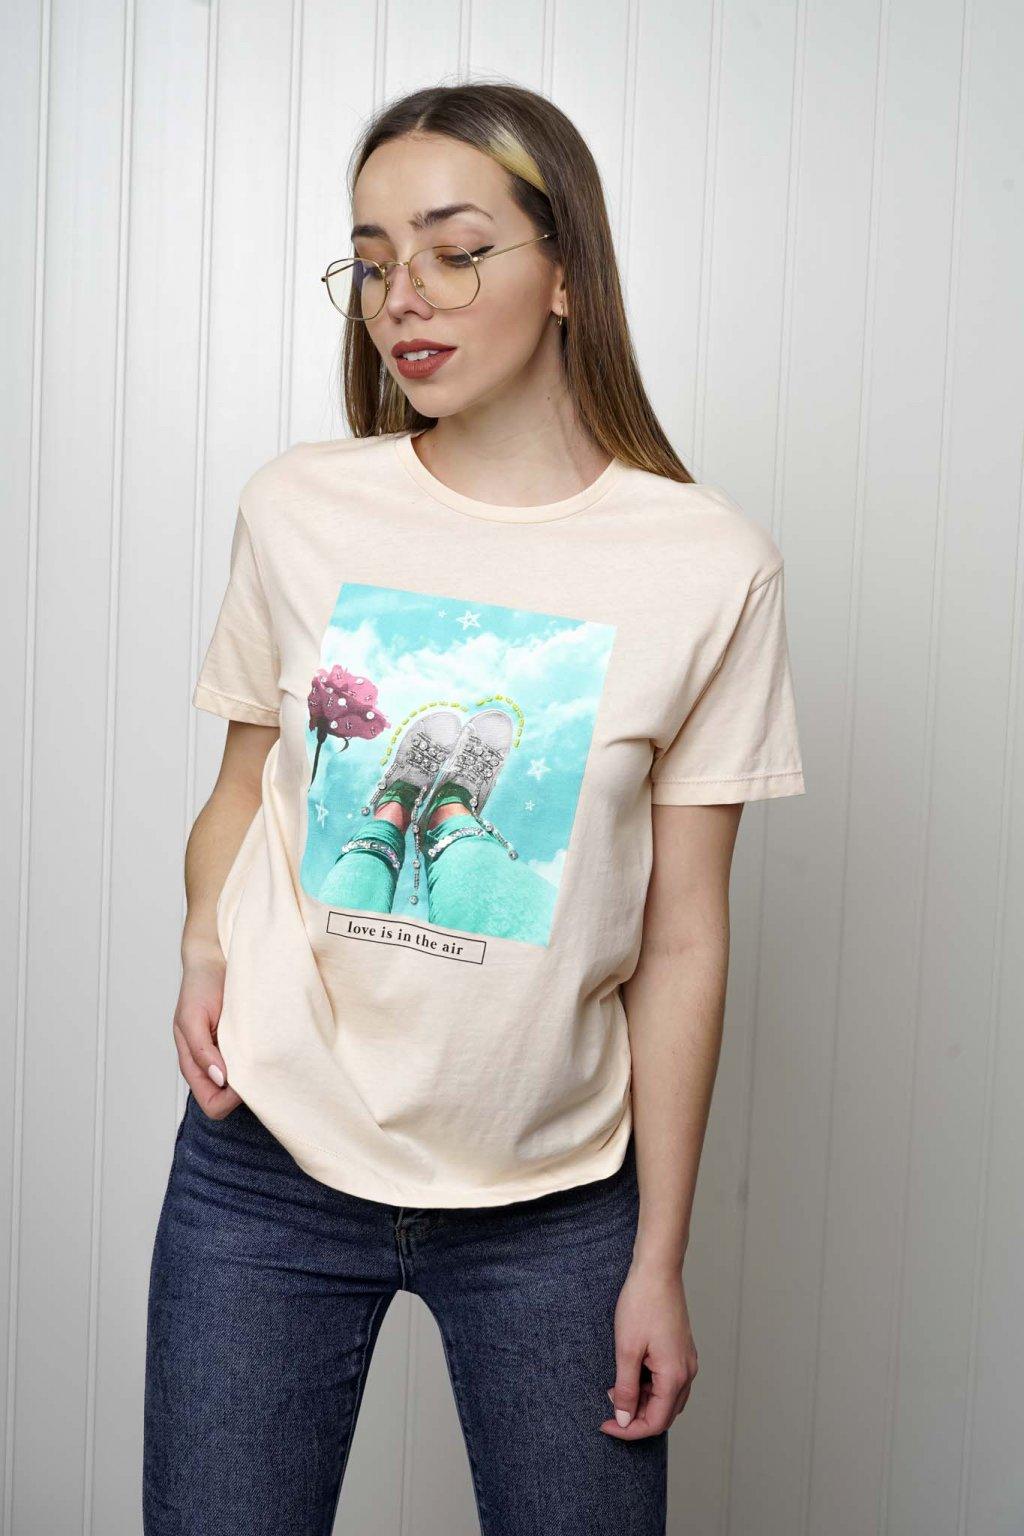 tričko, tričkové šaty, biele, čierne, žlté, vzorované, potlač, vyšívané, nášivky, fialové, street style, 136